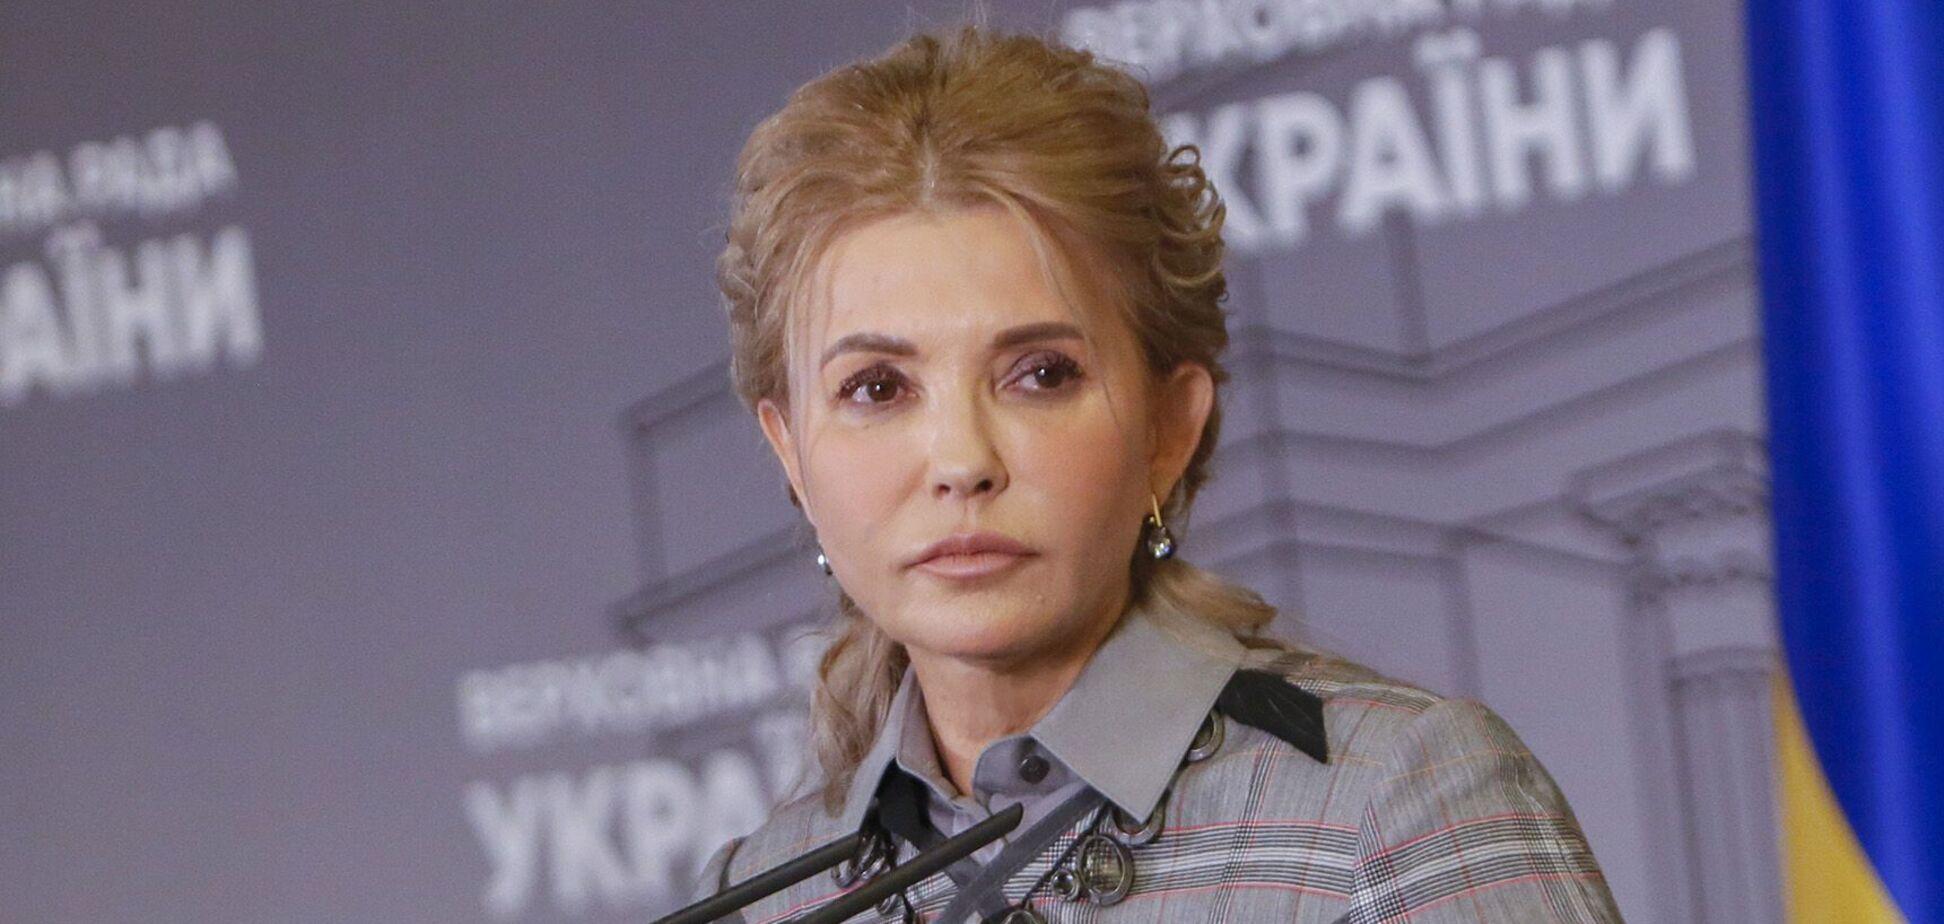 При содействии 'Батьківщини' в Раде договорились о поиске компромисса цены на газ для украинцев